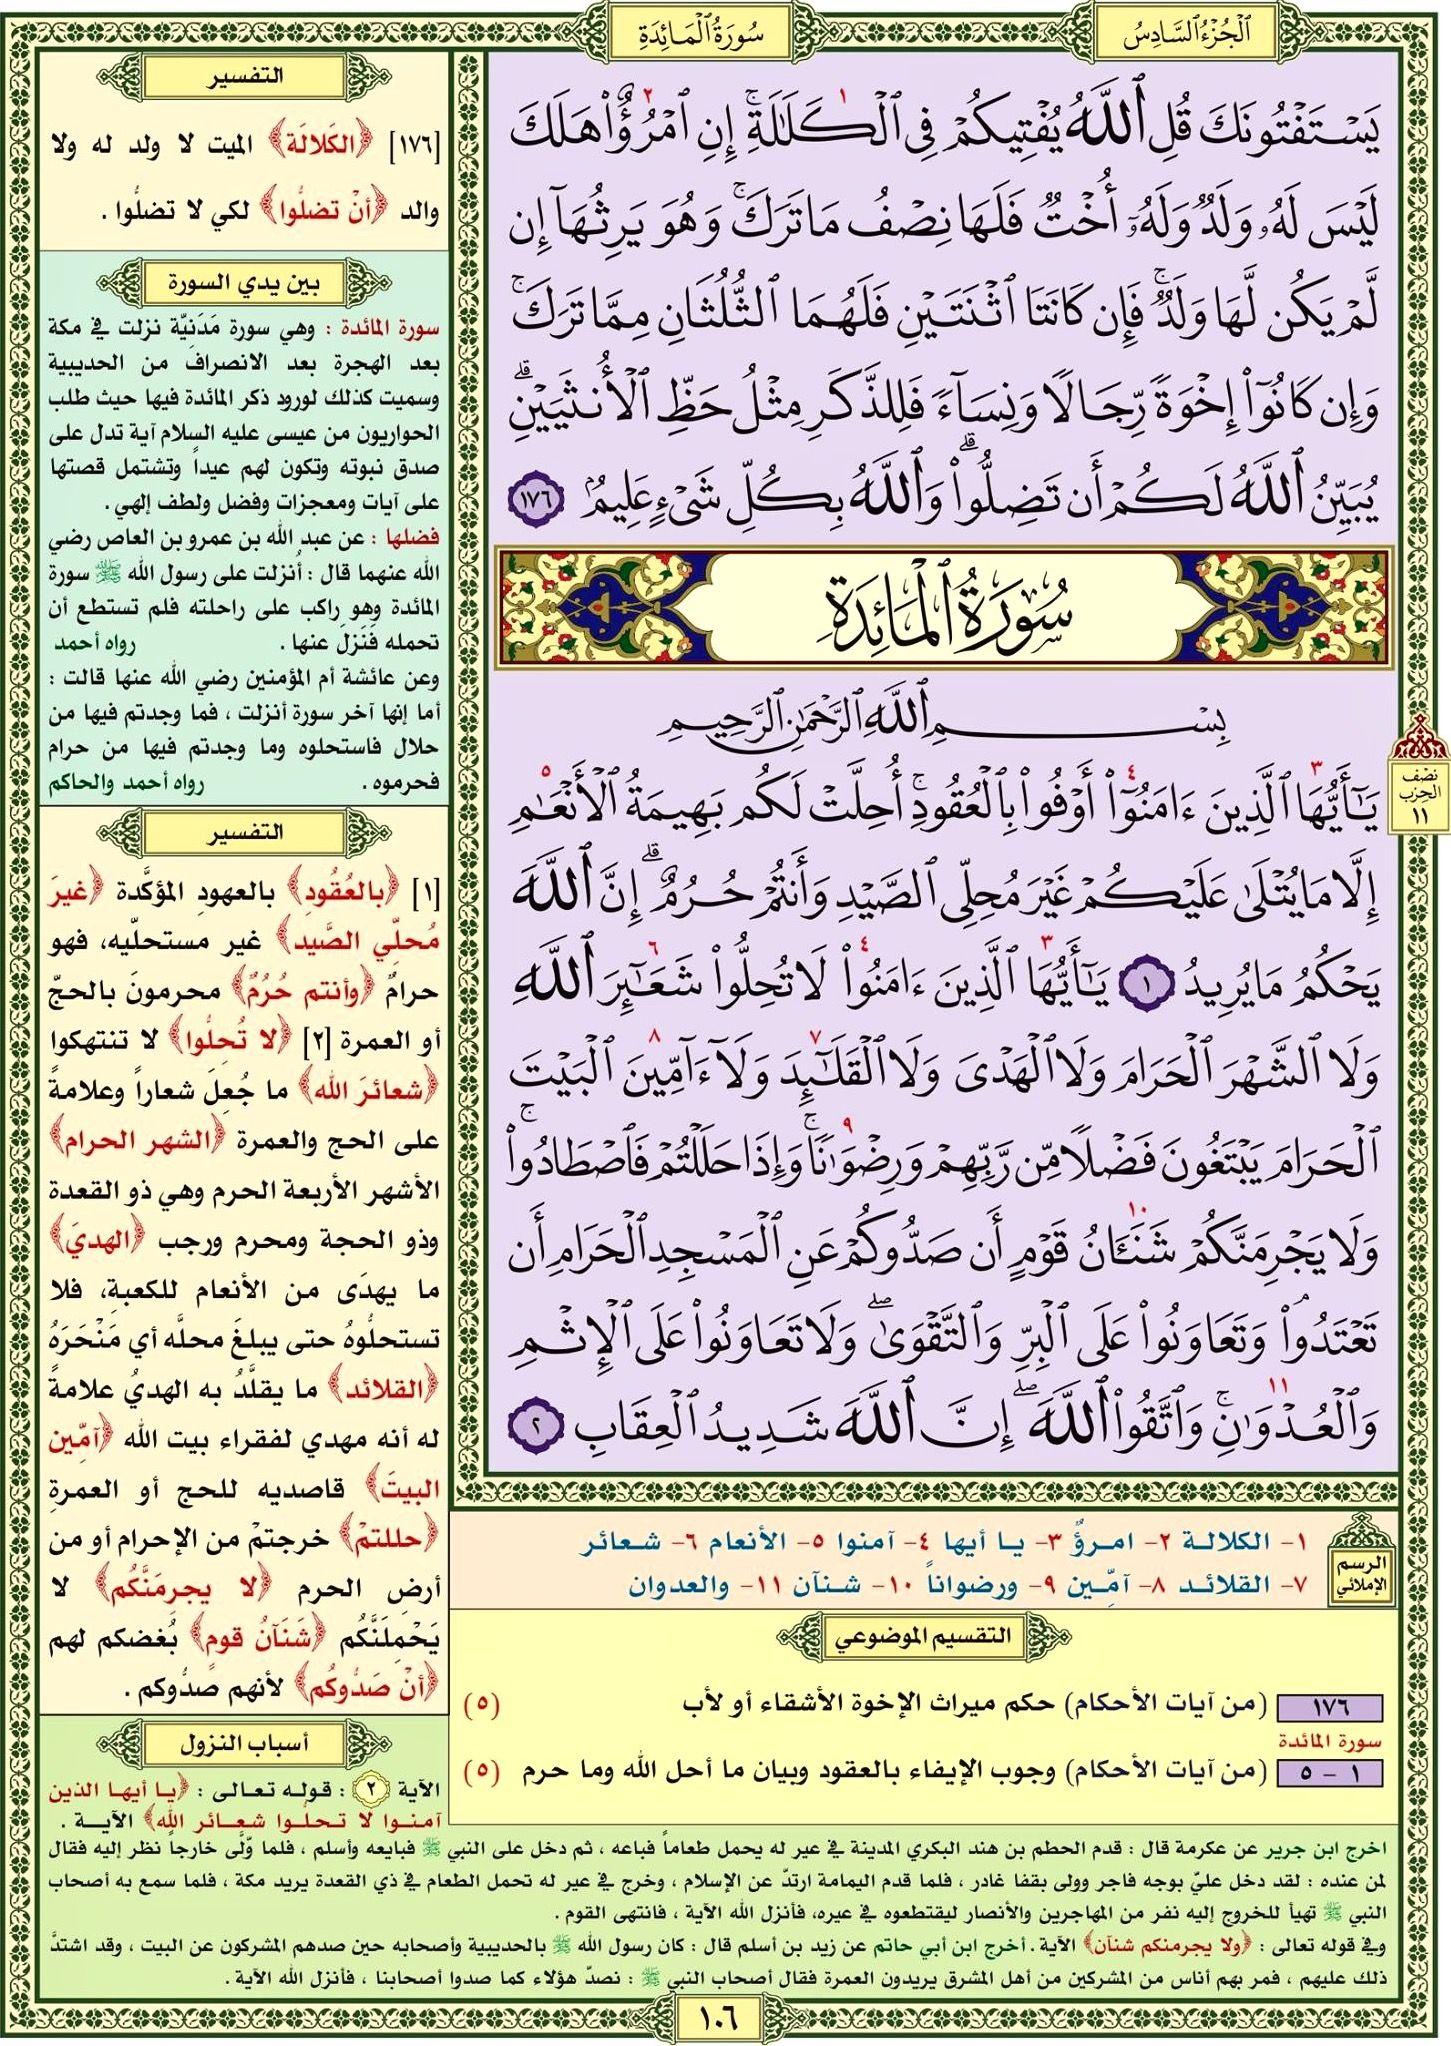 سورة النساء صفحة رقم ١٠٦ مصحف التقسيم الموضوعي للحافظ المتقن Quran Verses Verses Bullet Journal